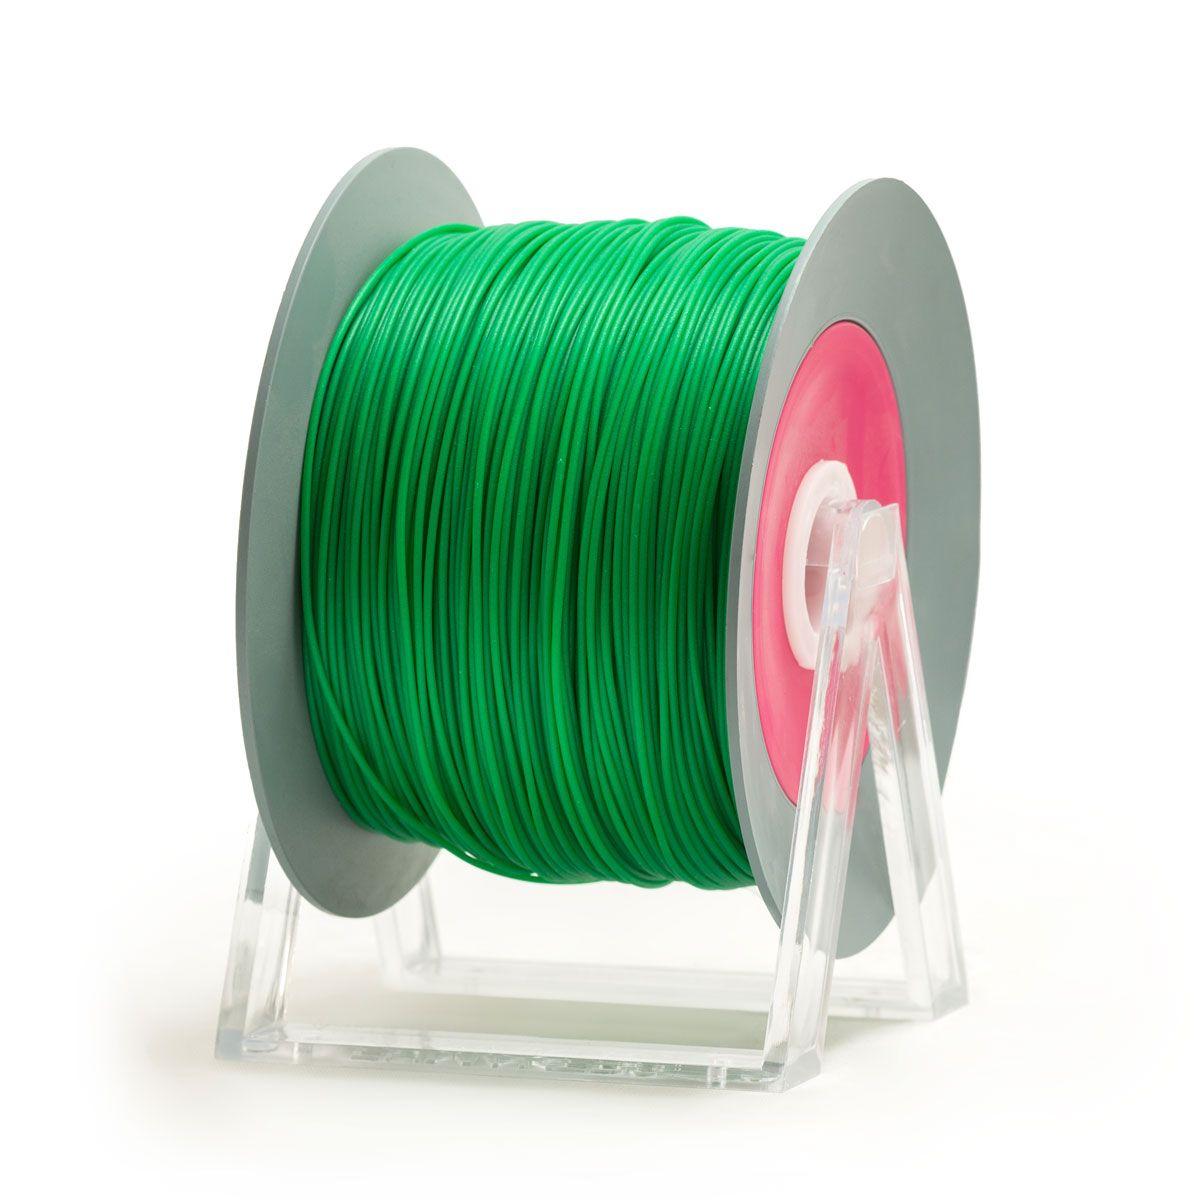 PLA Filament | Color: Iridescent Green